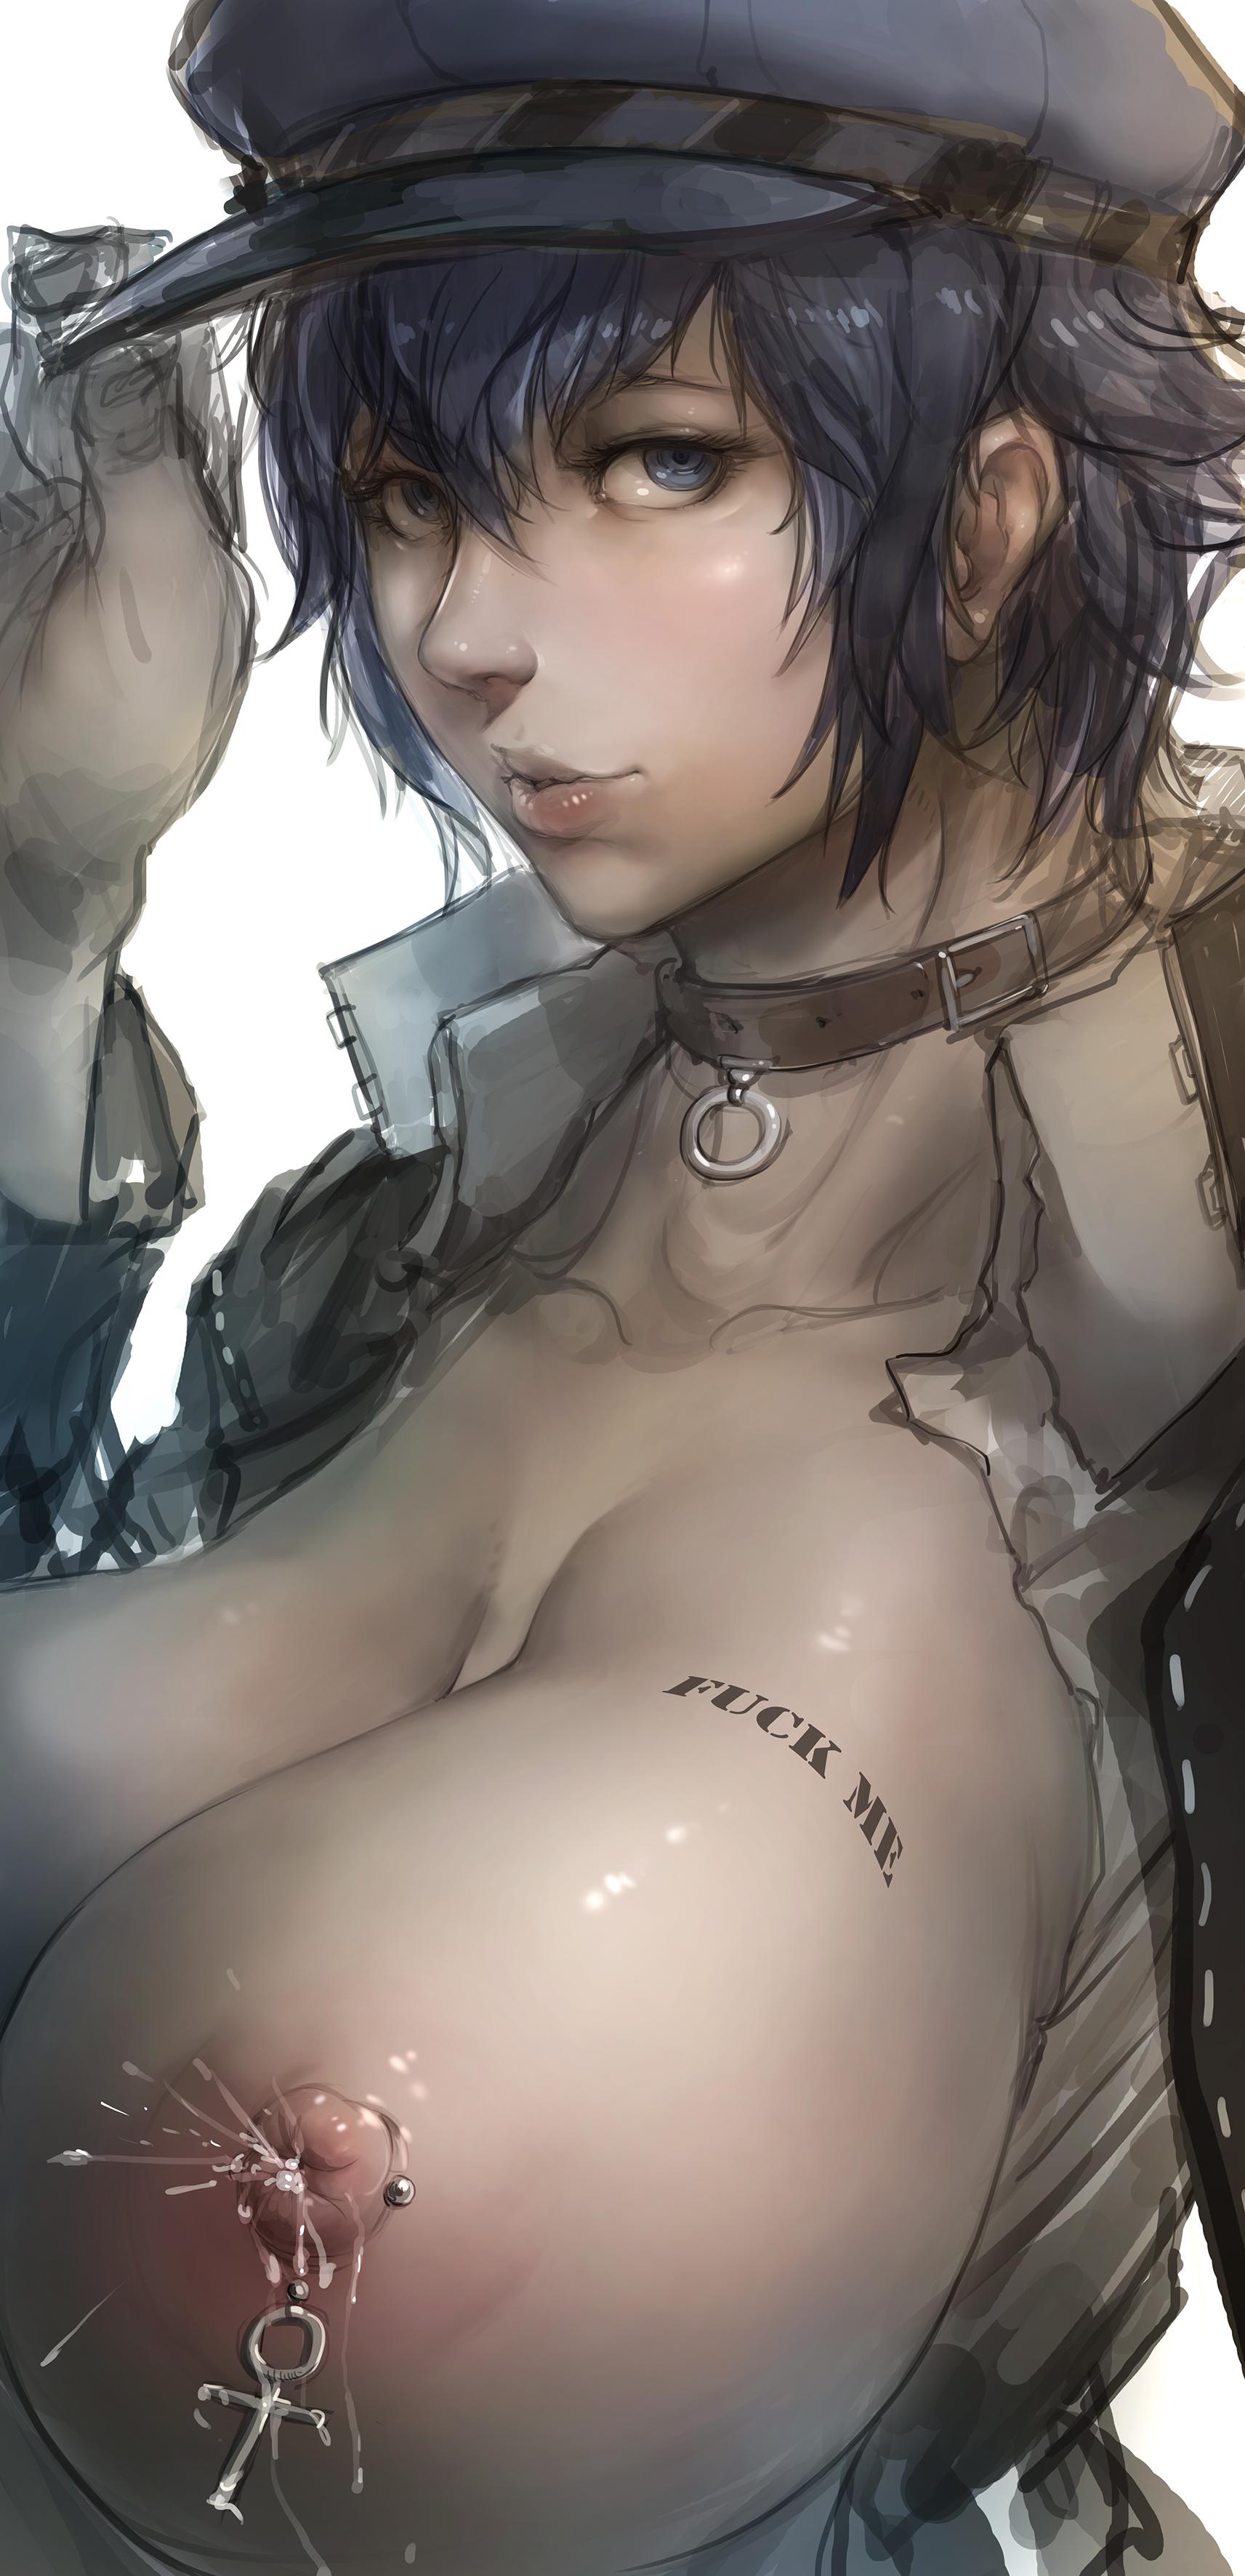 【乳首】ピアスをしている女の子の画像8ヶ所目->画像>708枚